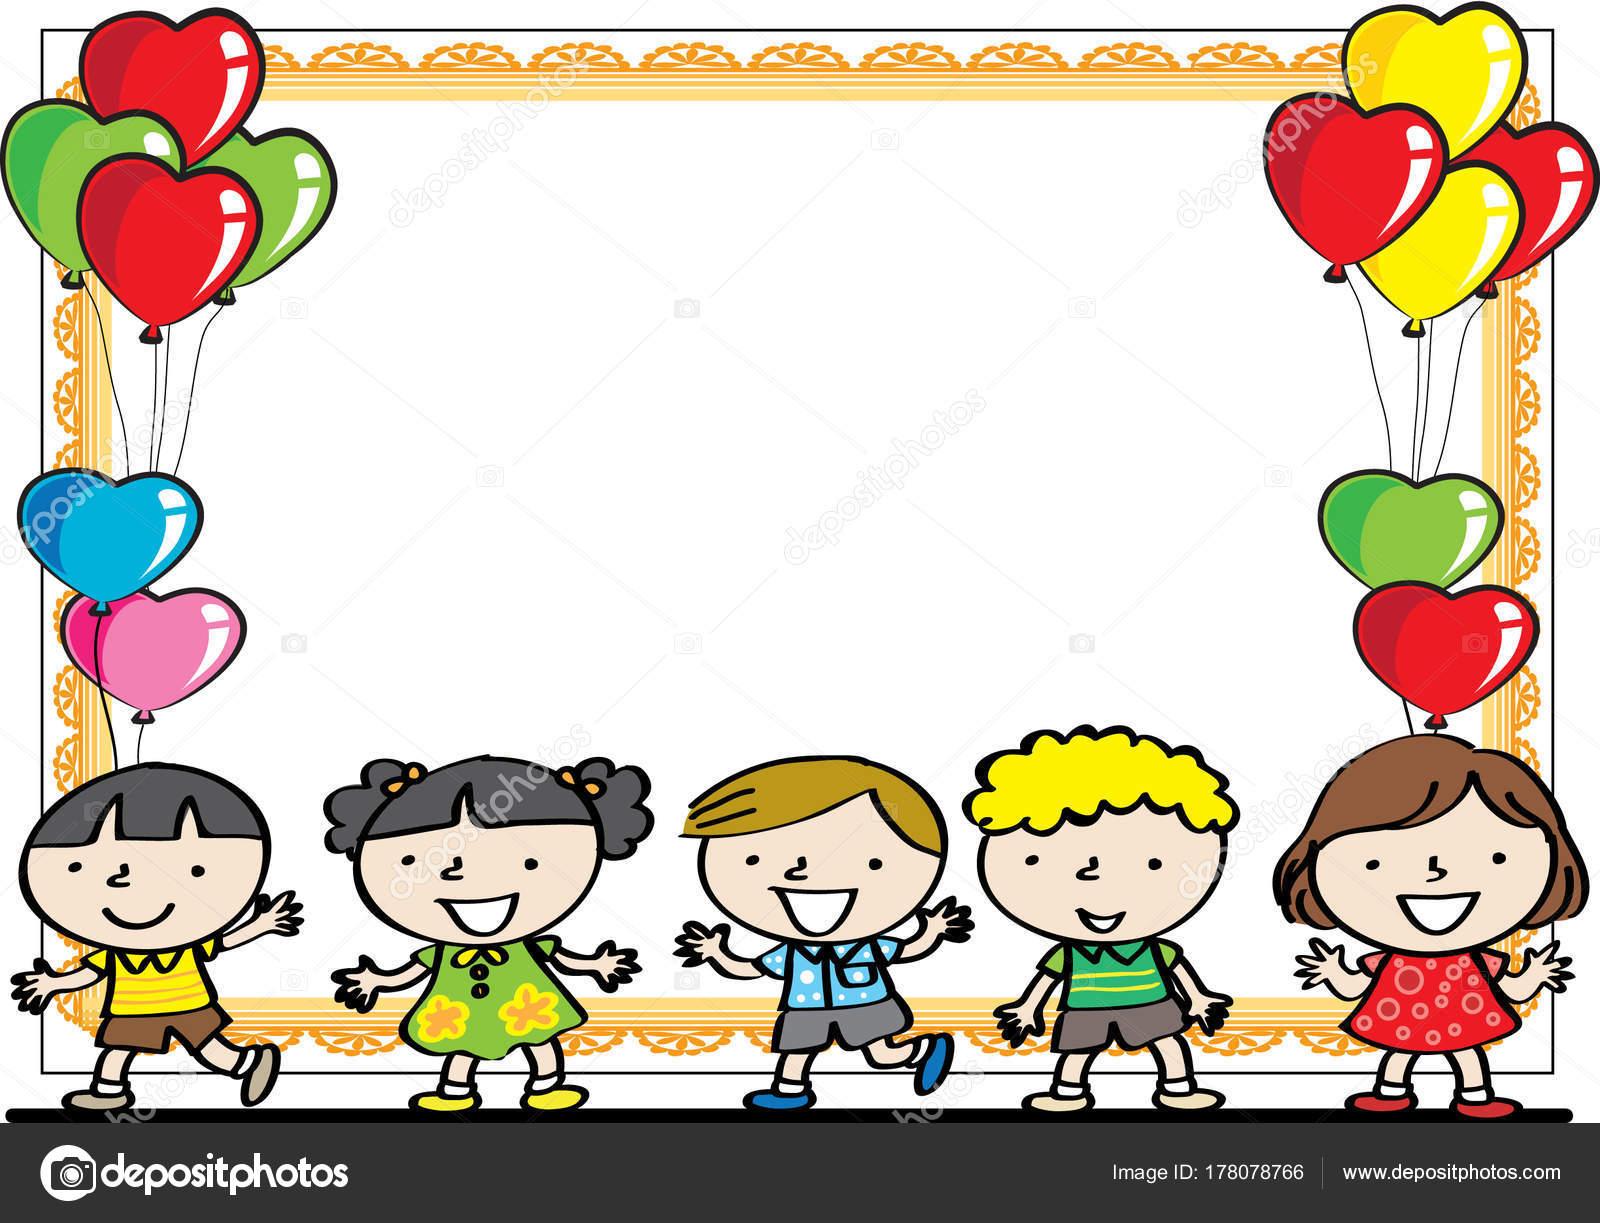 Fondos De Animales Animados: Crianças Dos Desenhos Animados Com Fundo Desenho Vetorial